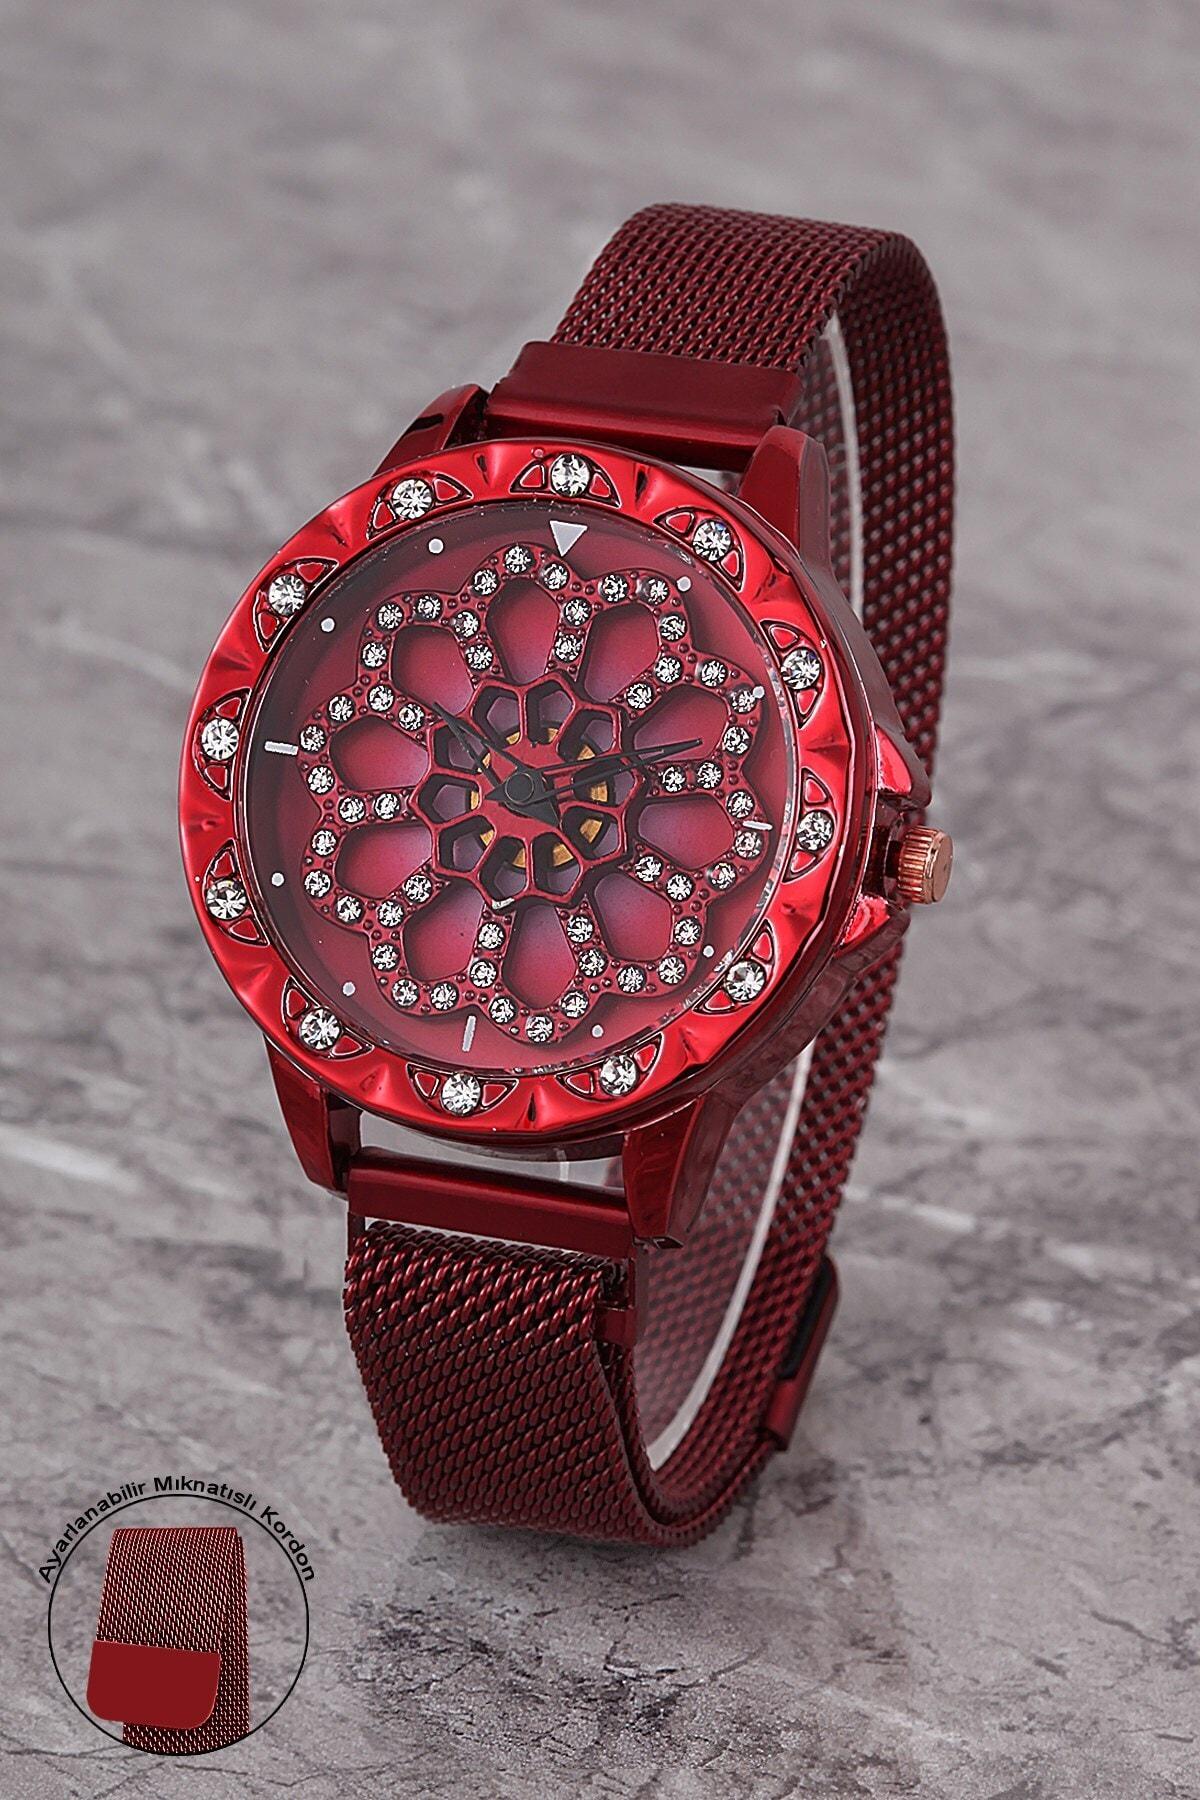 Polo55 Plkhm007r01 Kadın Saat Taşlı Göstergeli Oynar Çiçekli Kadran Mıknatıslı Hasır Kordon 1